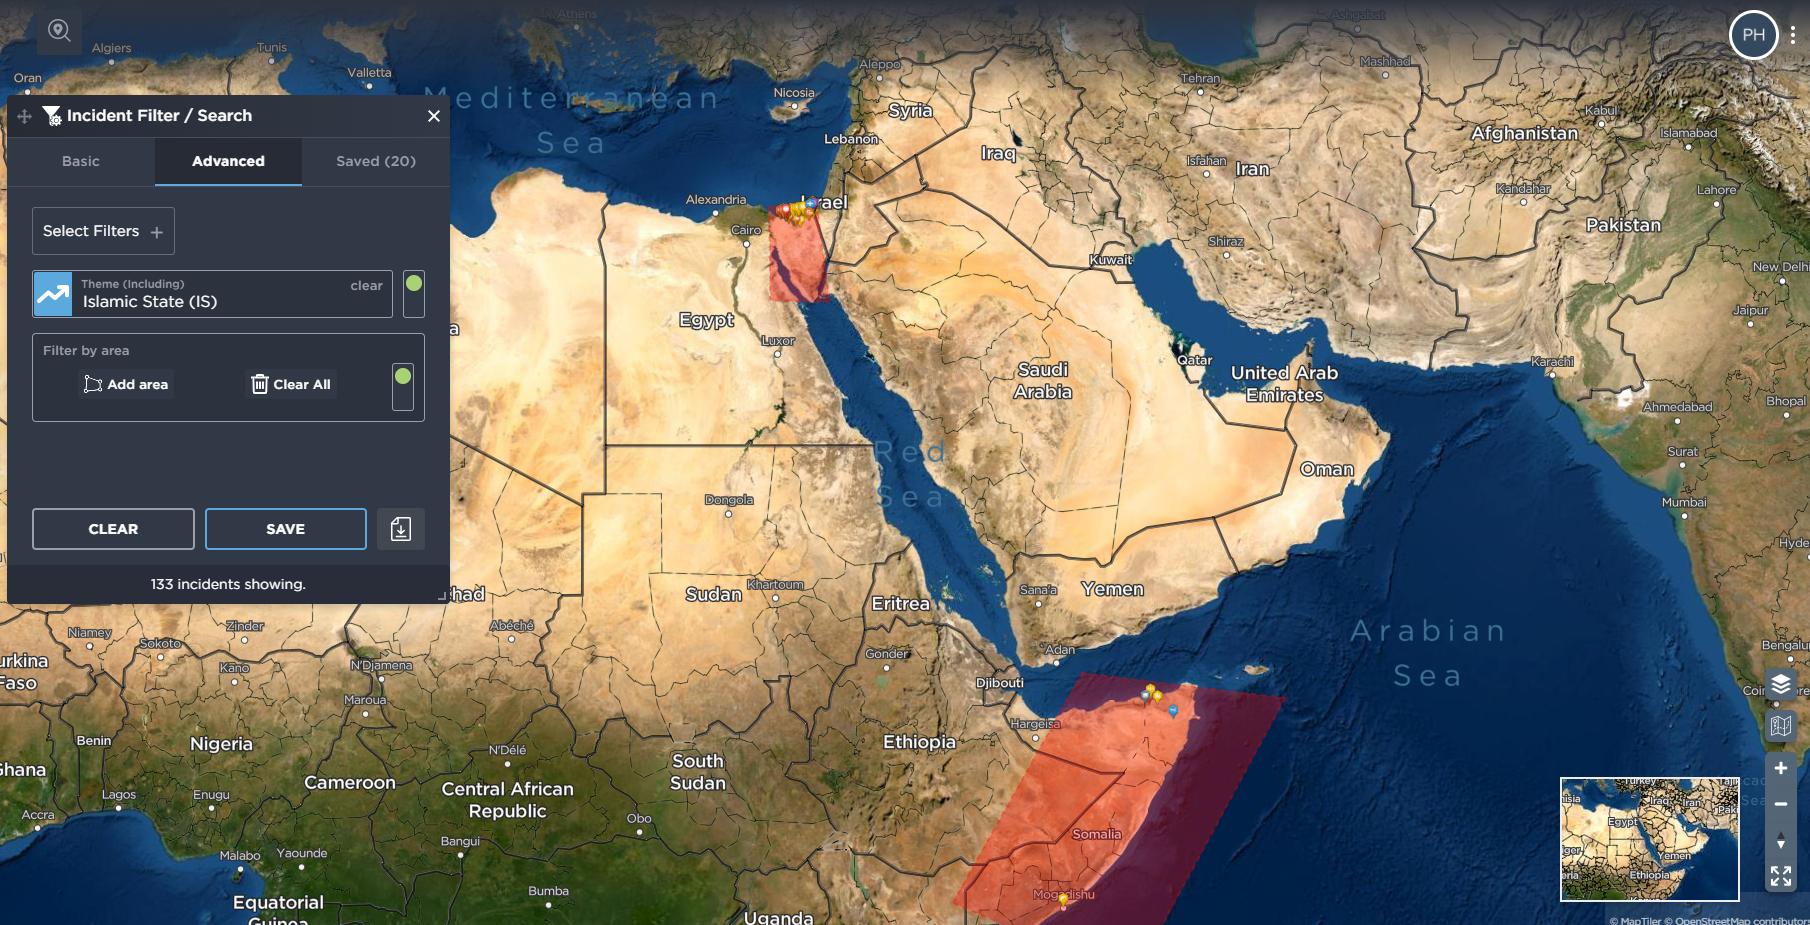 Egypt ISIS Sinai Islamic State Somalia